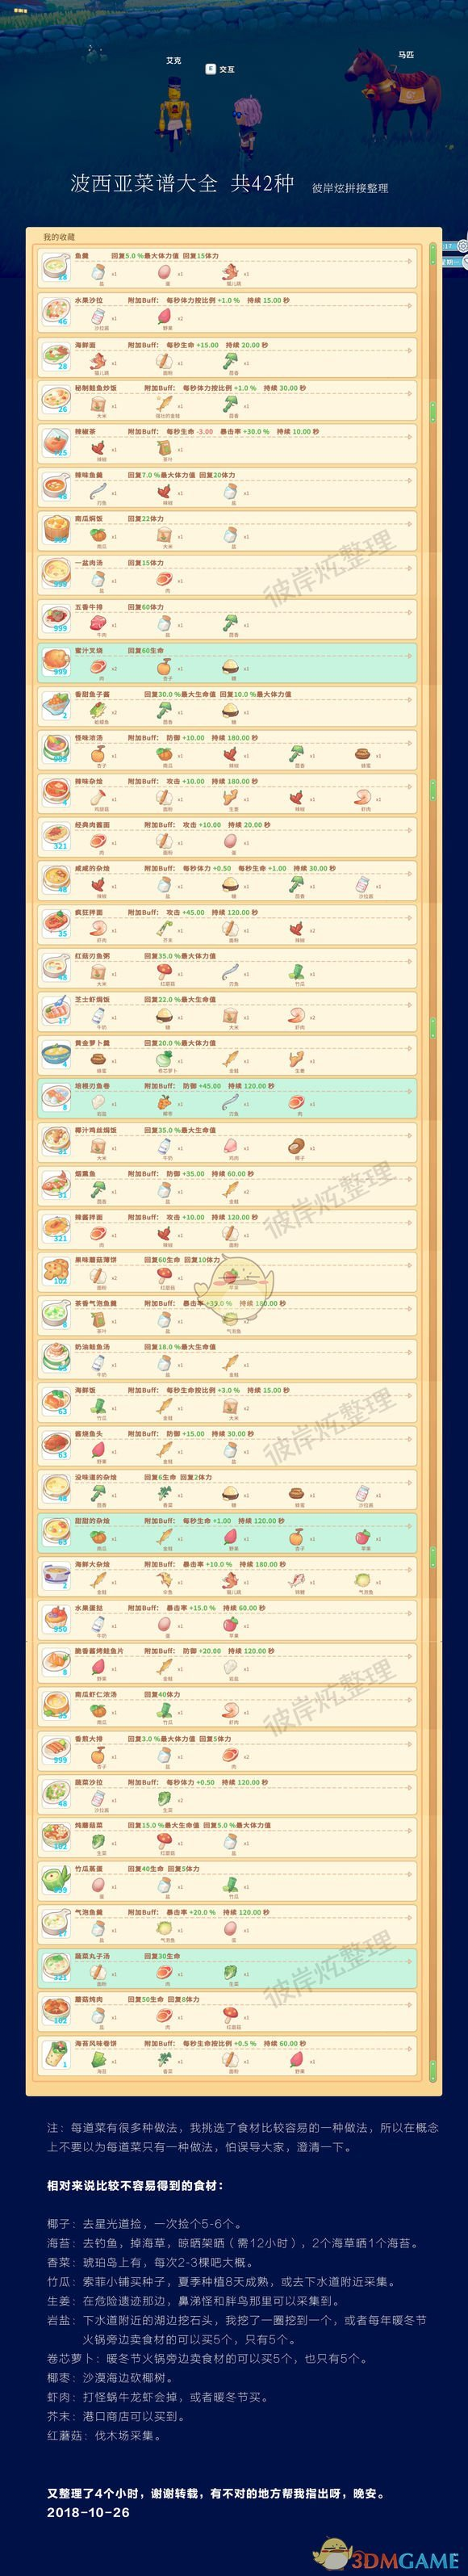 《波西亚时光》食谱最新版 42种食谱大全